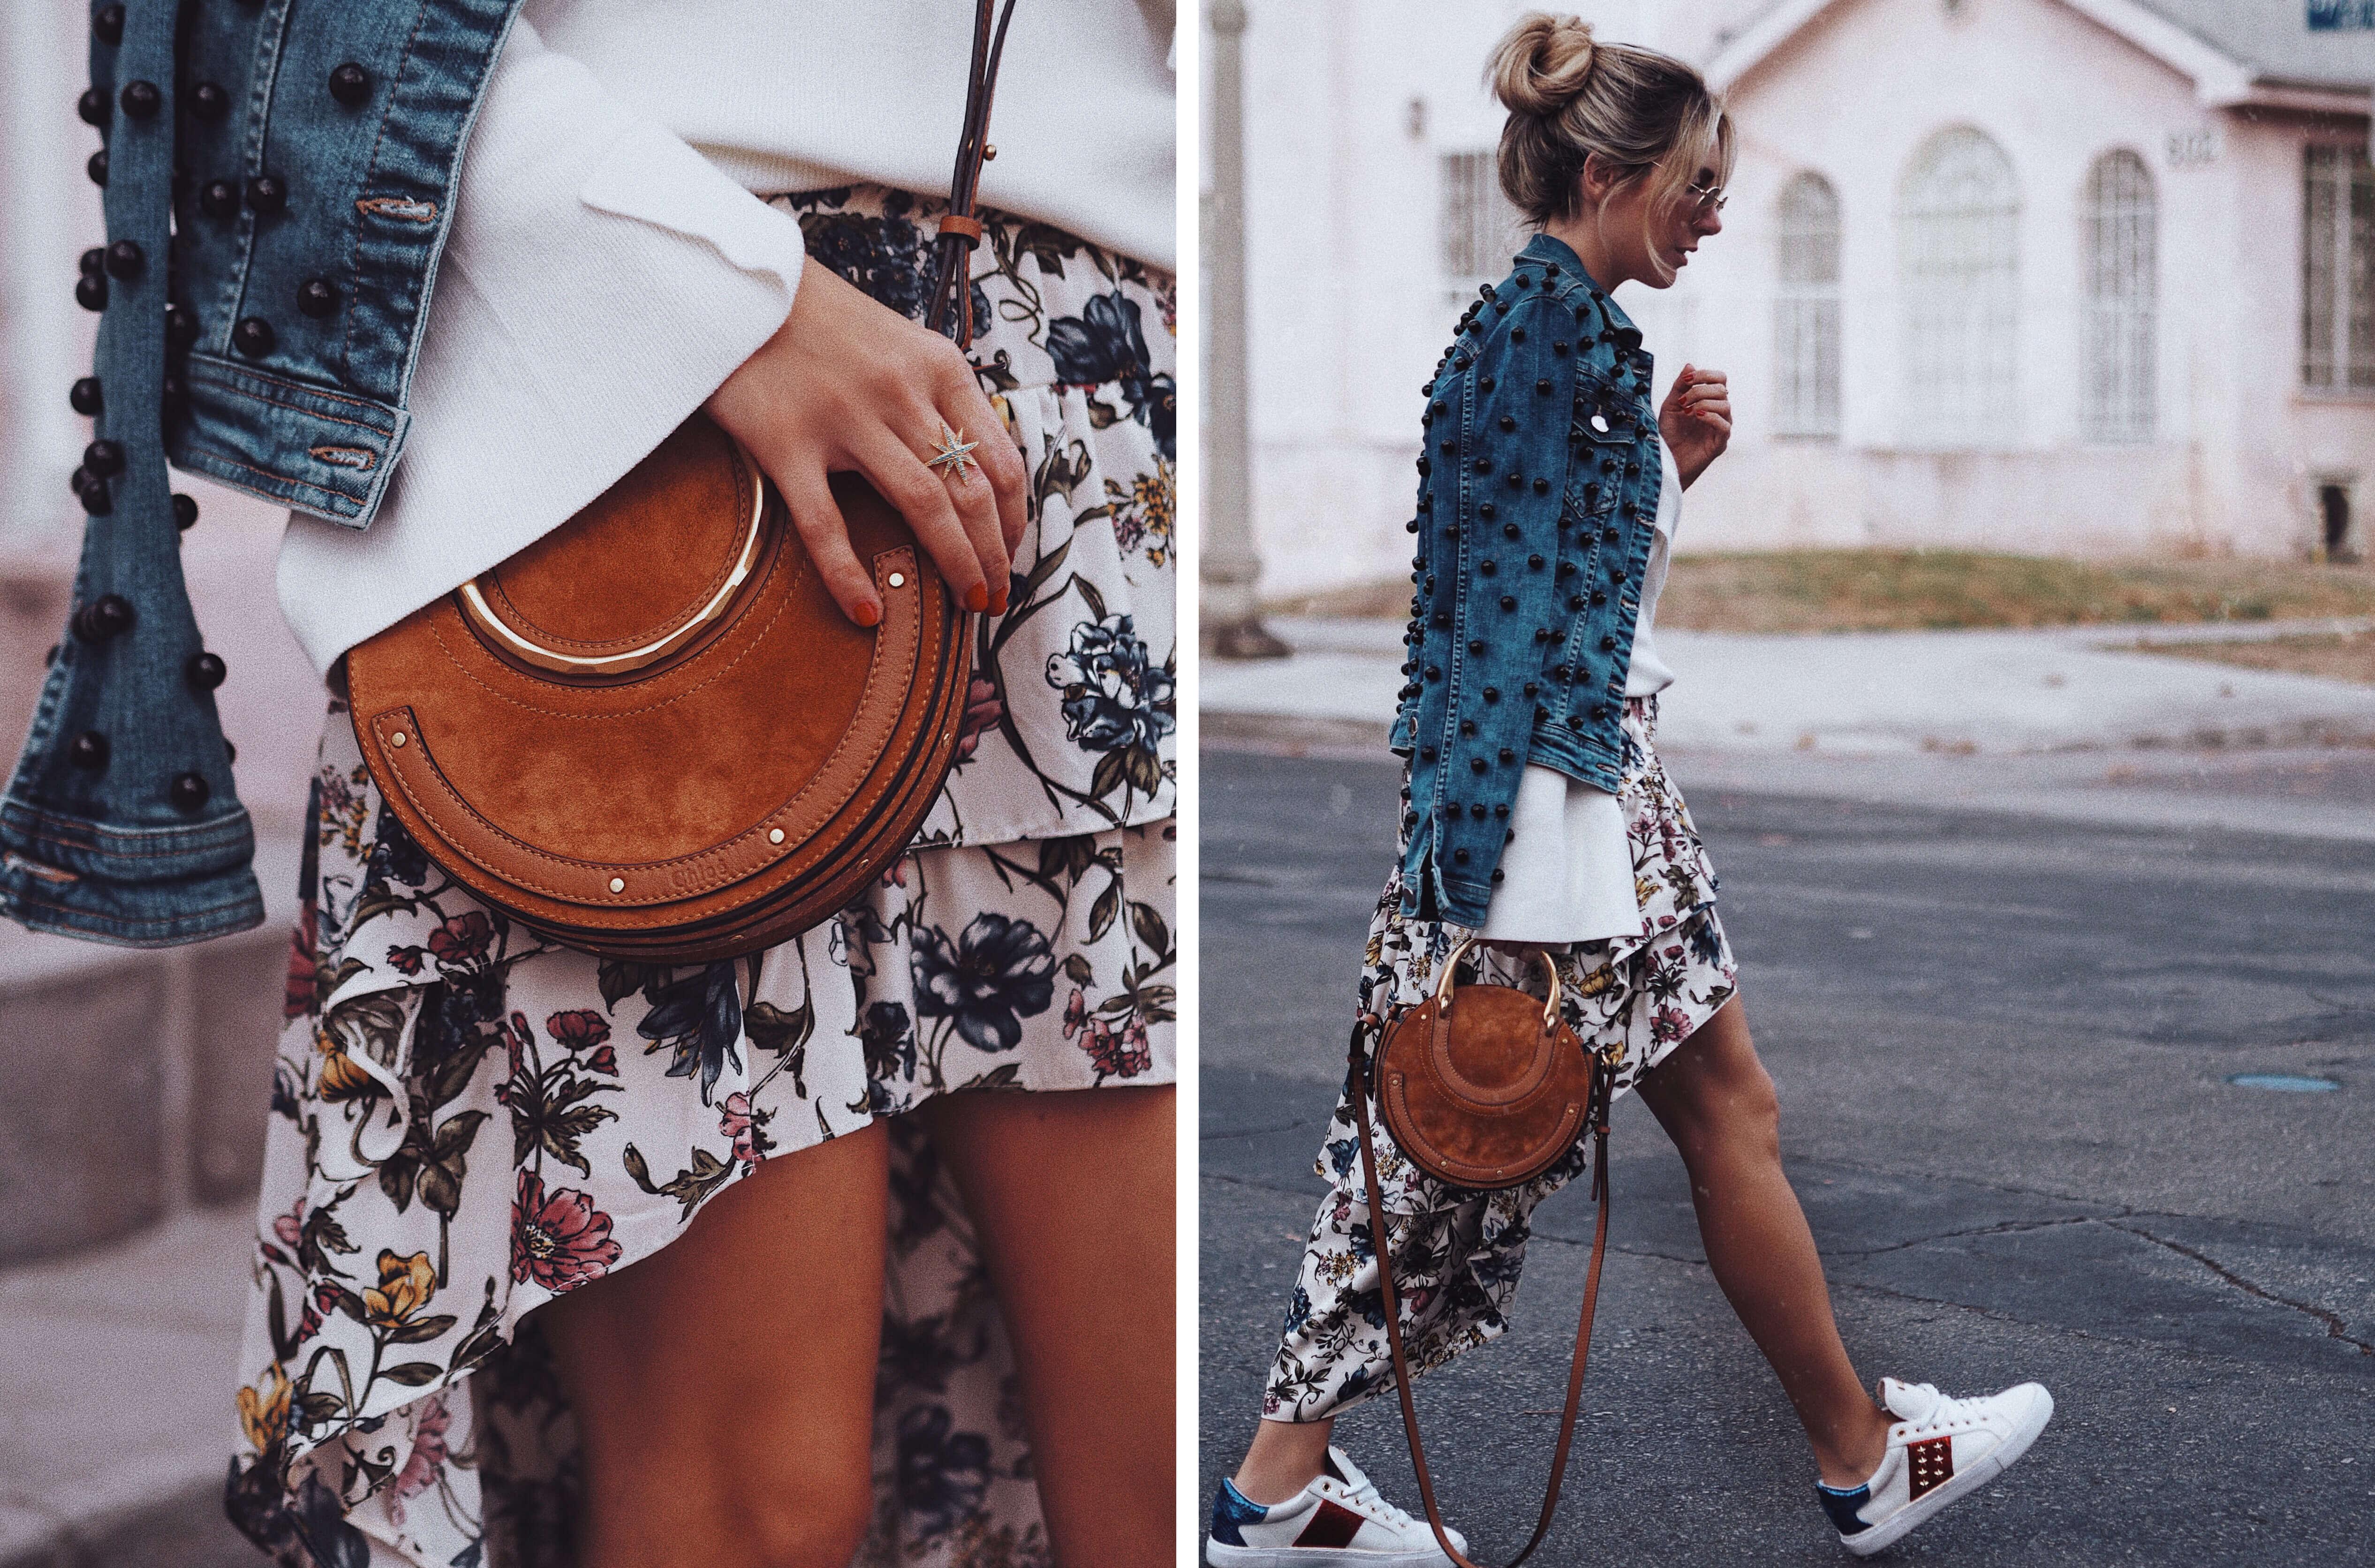 casual-chic-style-in-la-fashion-blogger-california-monica-sors